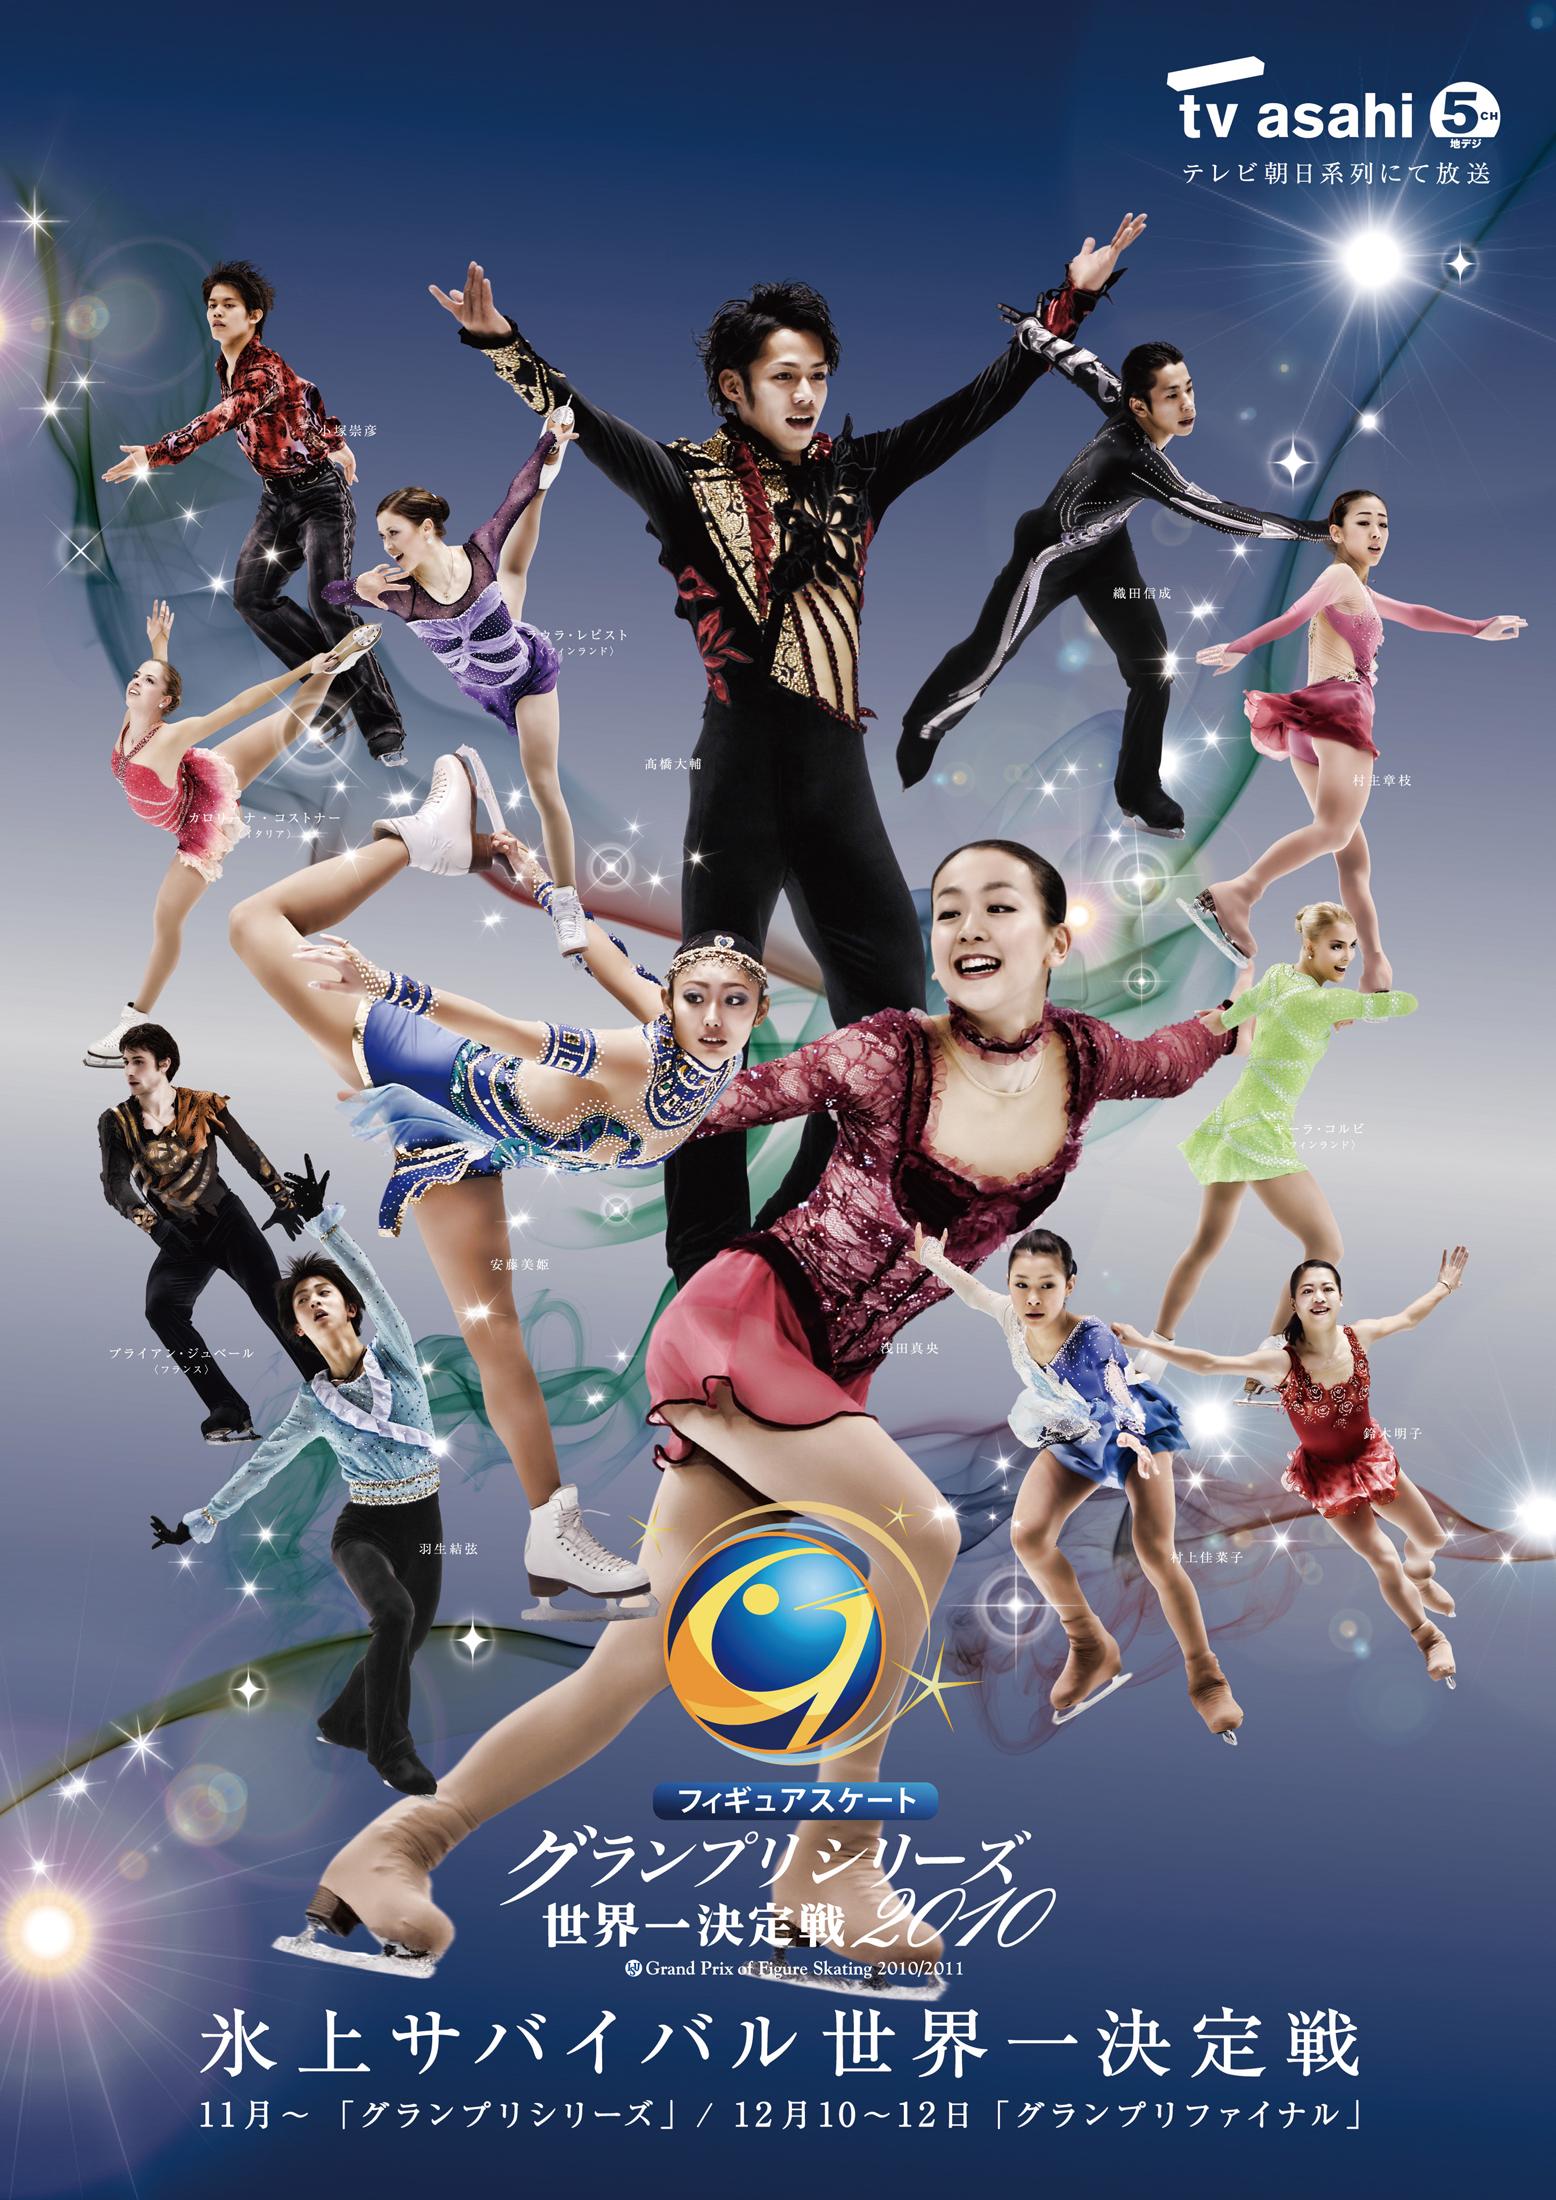 フィギュア スケート グランプリ シリーズ